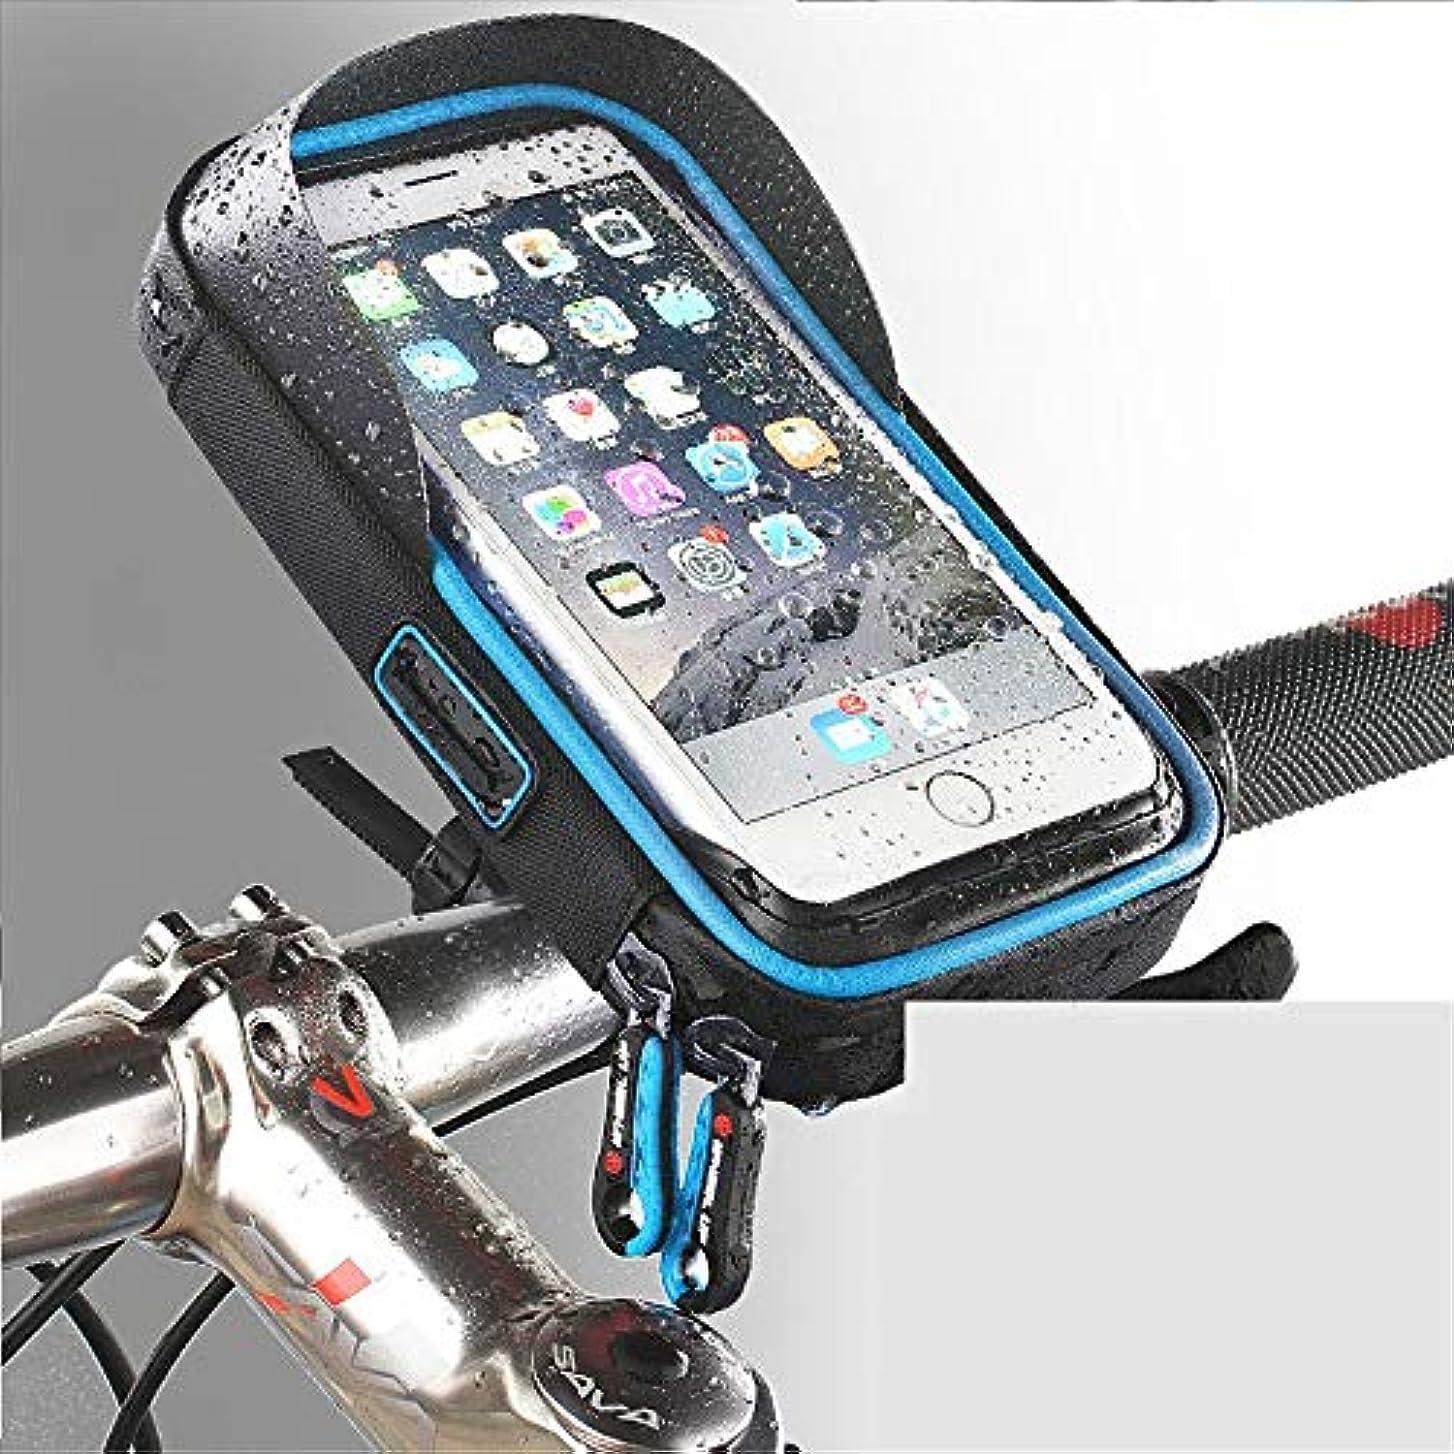 誤不満青自転車サドルバッグ大容量防水乗馬マウンテンバイクフロントビームバッグ サドルバッグ?フレームバッグ (色 : 青)